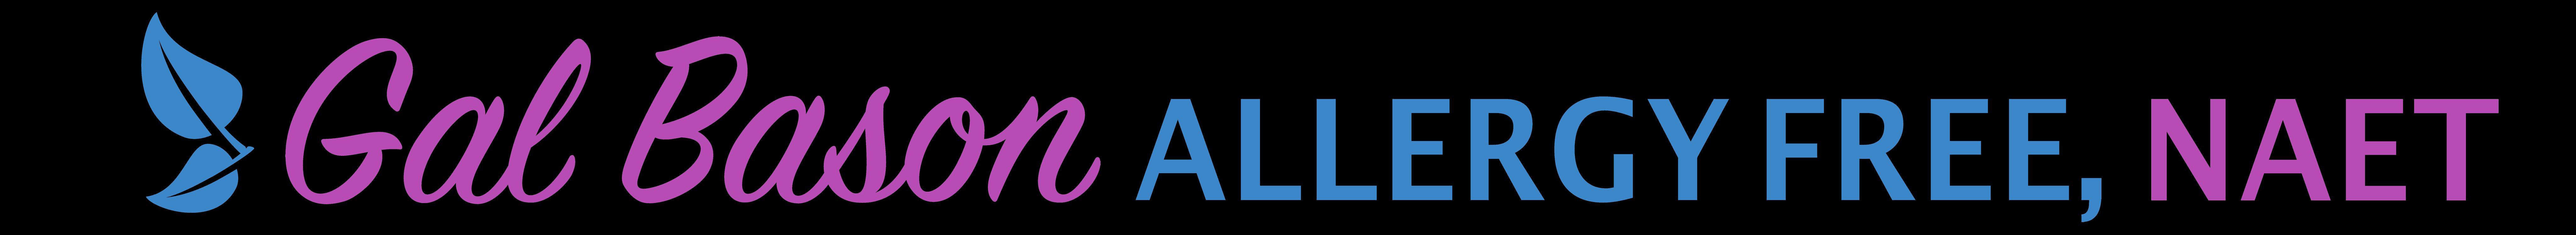 gal-bason-logo-web-sticky